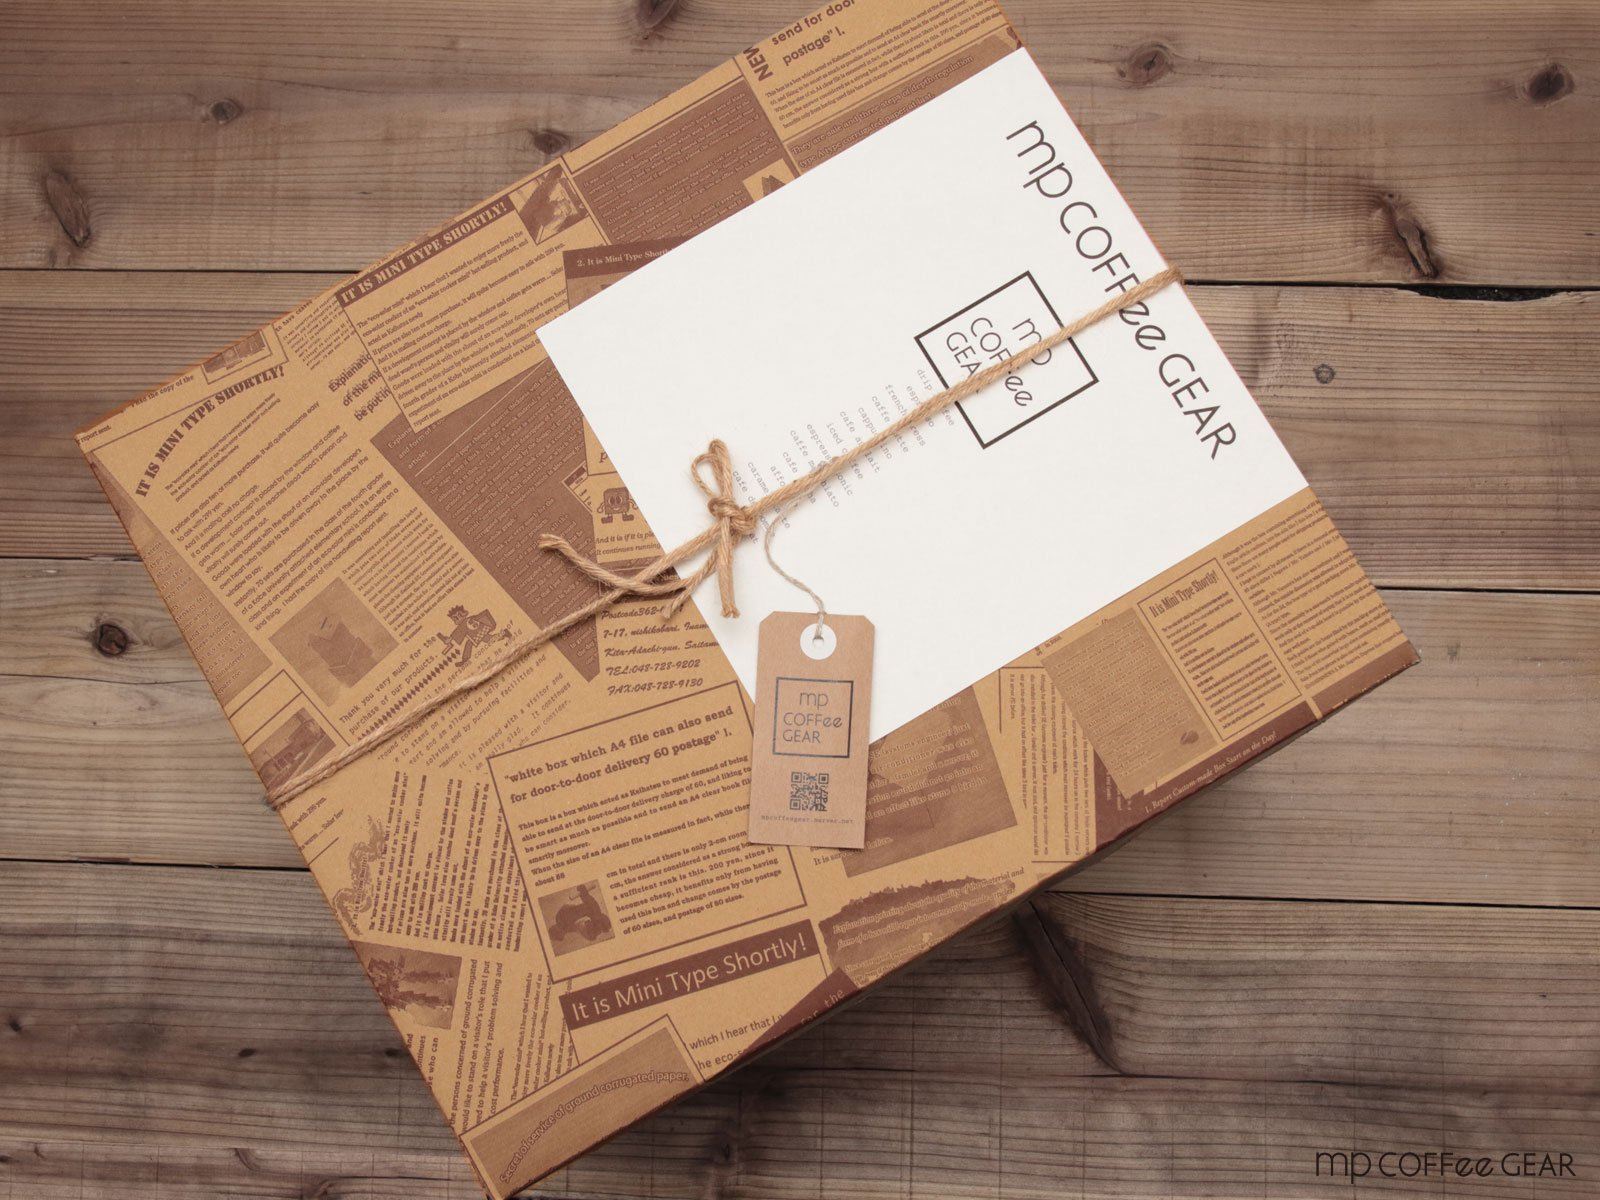 コーヒーギフトBOX ケトル+ドリップスケール他 8点セット mp COFFee GEAR